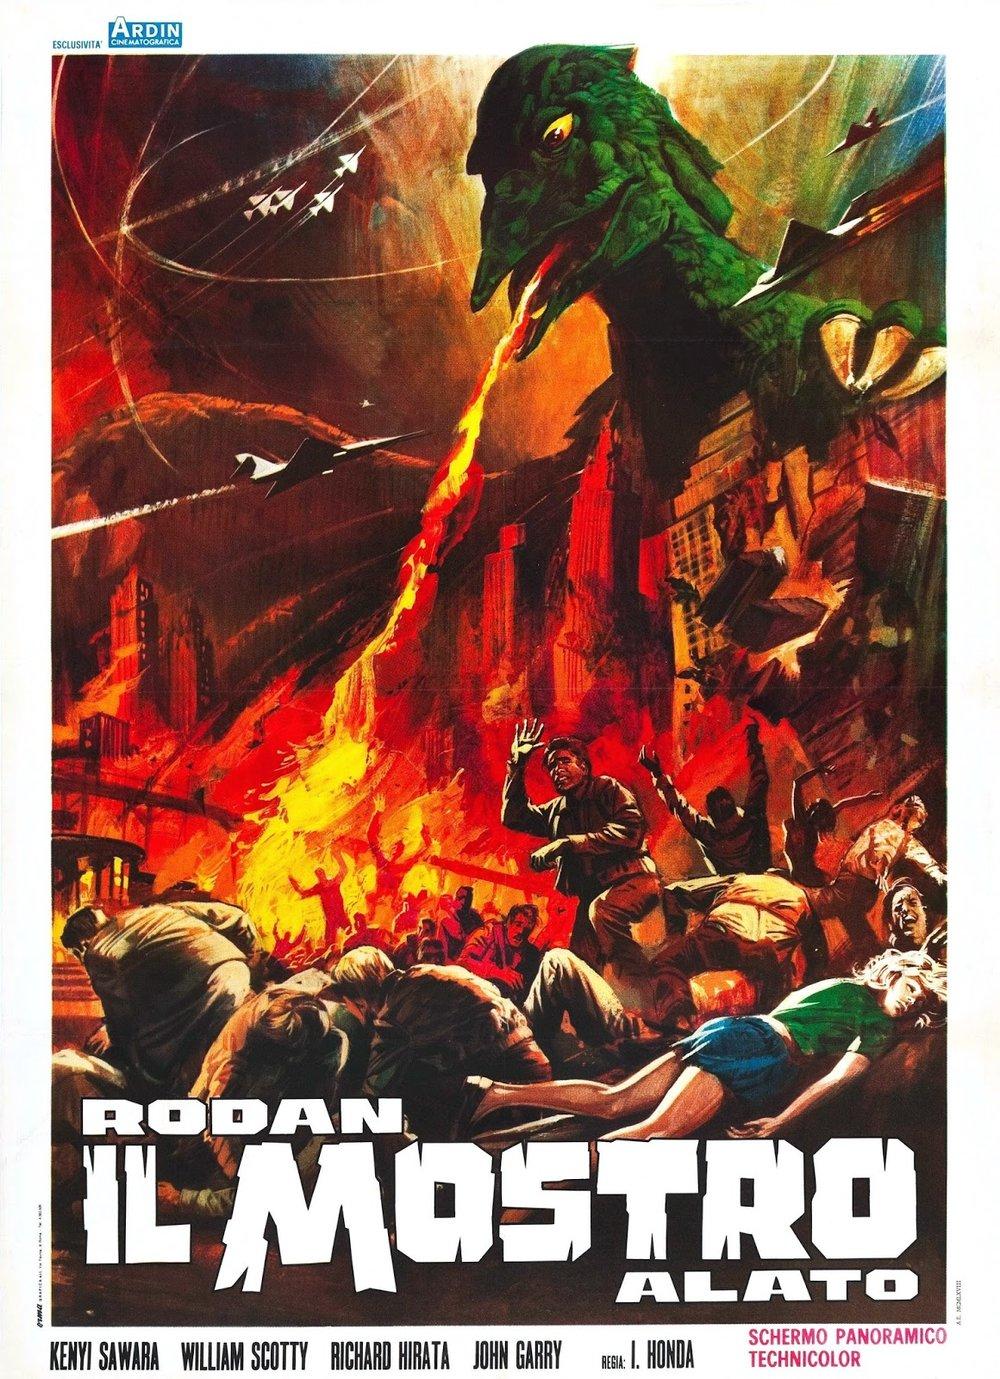 rodan_flying_monster_poster_10.jpg